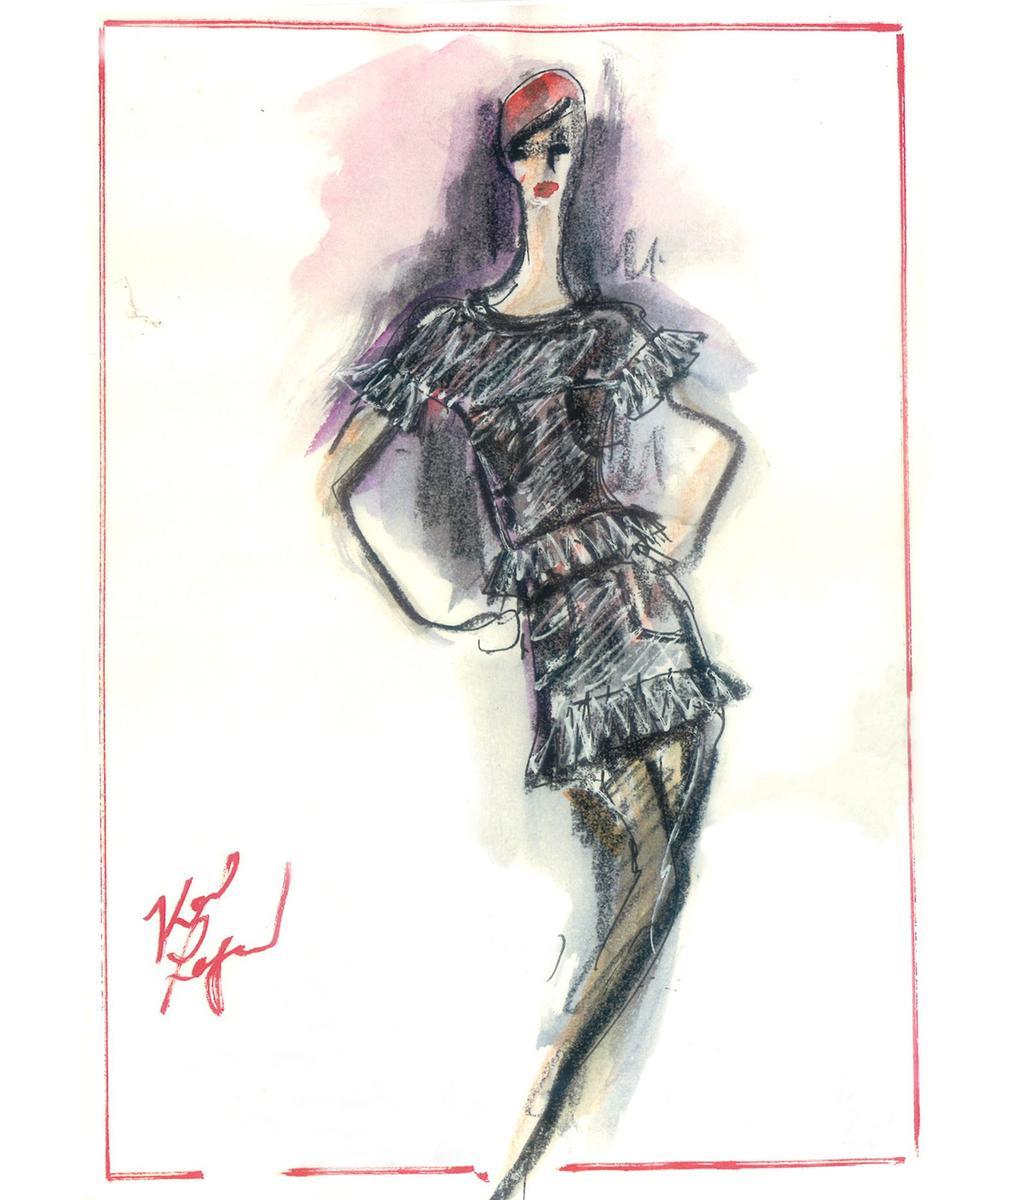 karl lagerfeld redessine l ternelle petite robe noire en. Black Bedroom Furniture Sets. Home Design Ideas